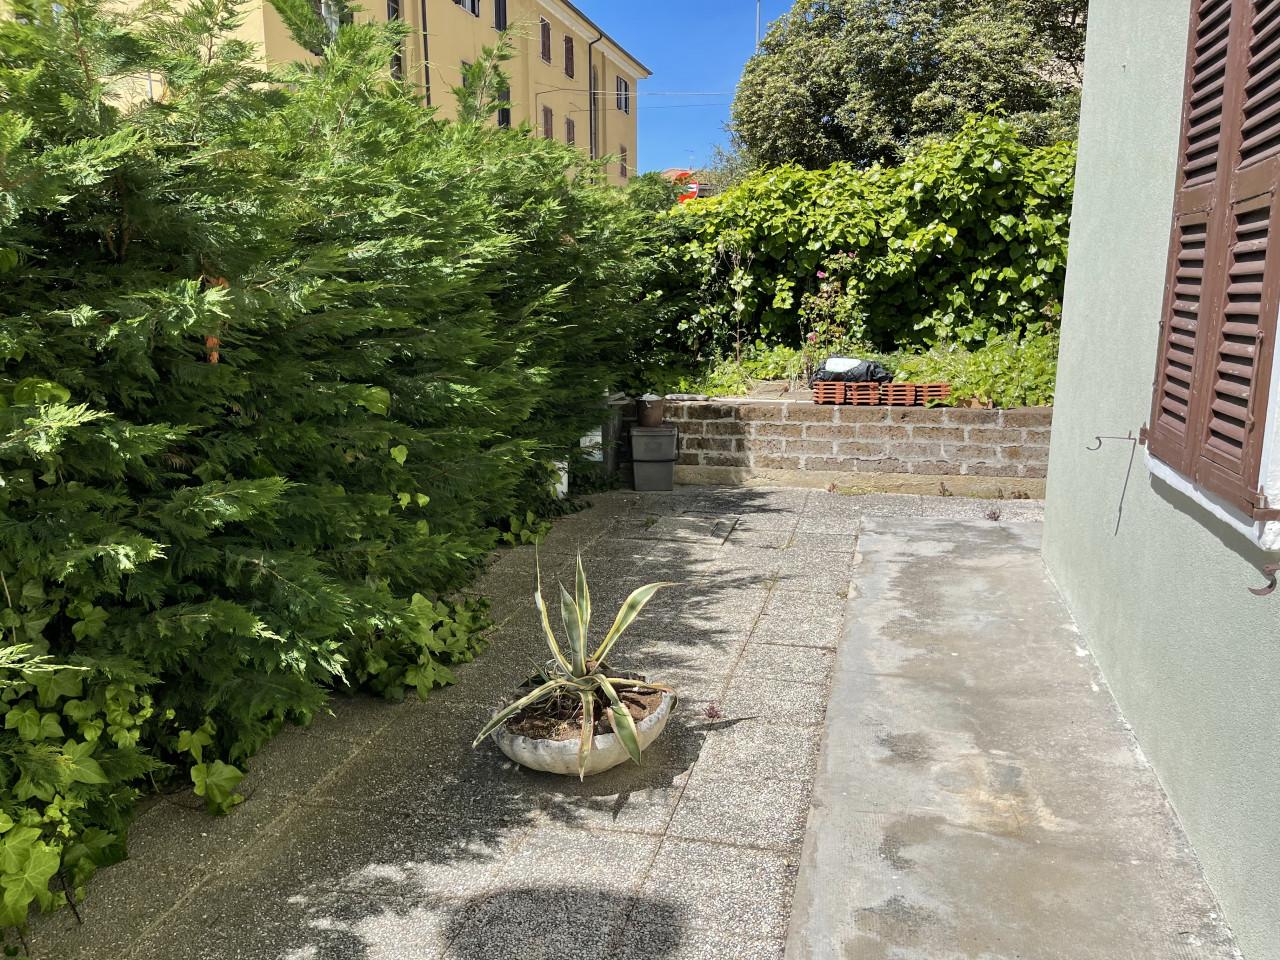 Ancona Via Sassoferrato vendiamo appartamento con ingresso indipendente dal giardino